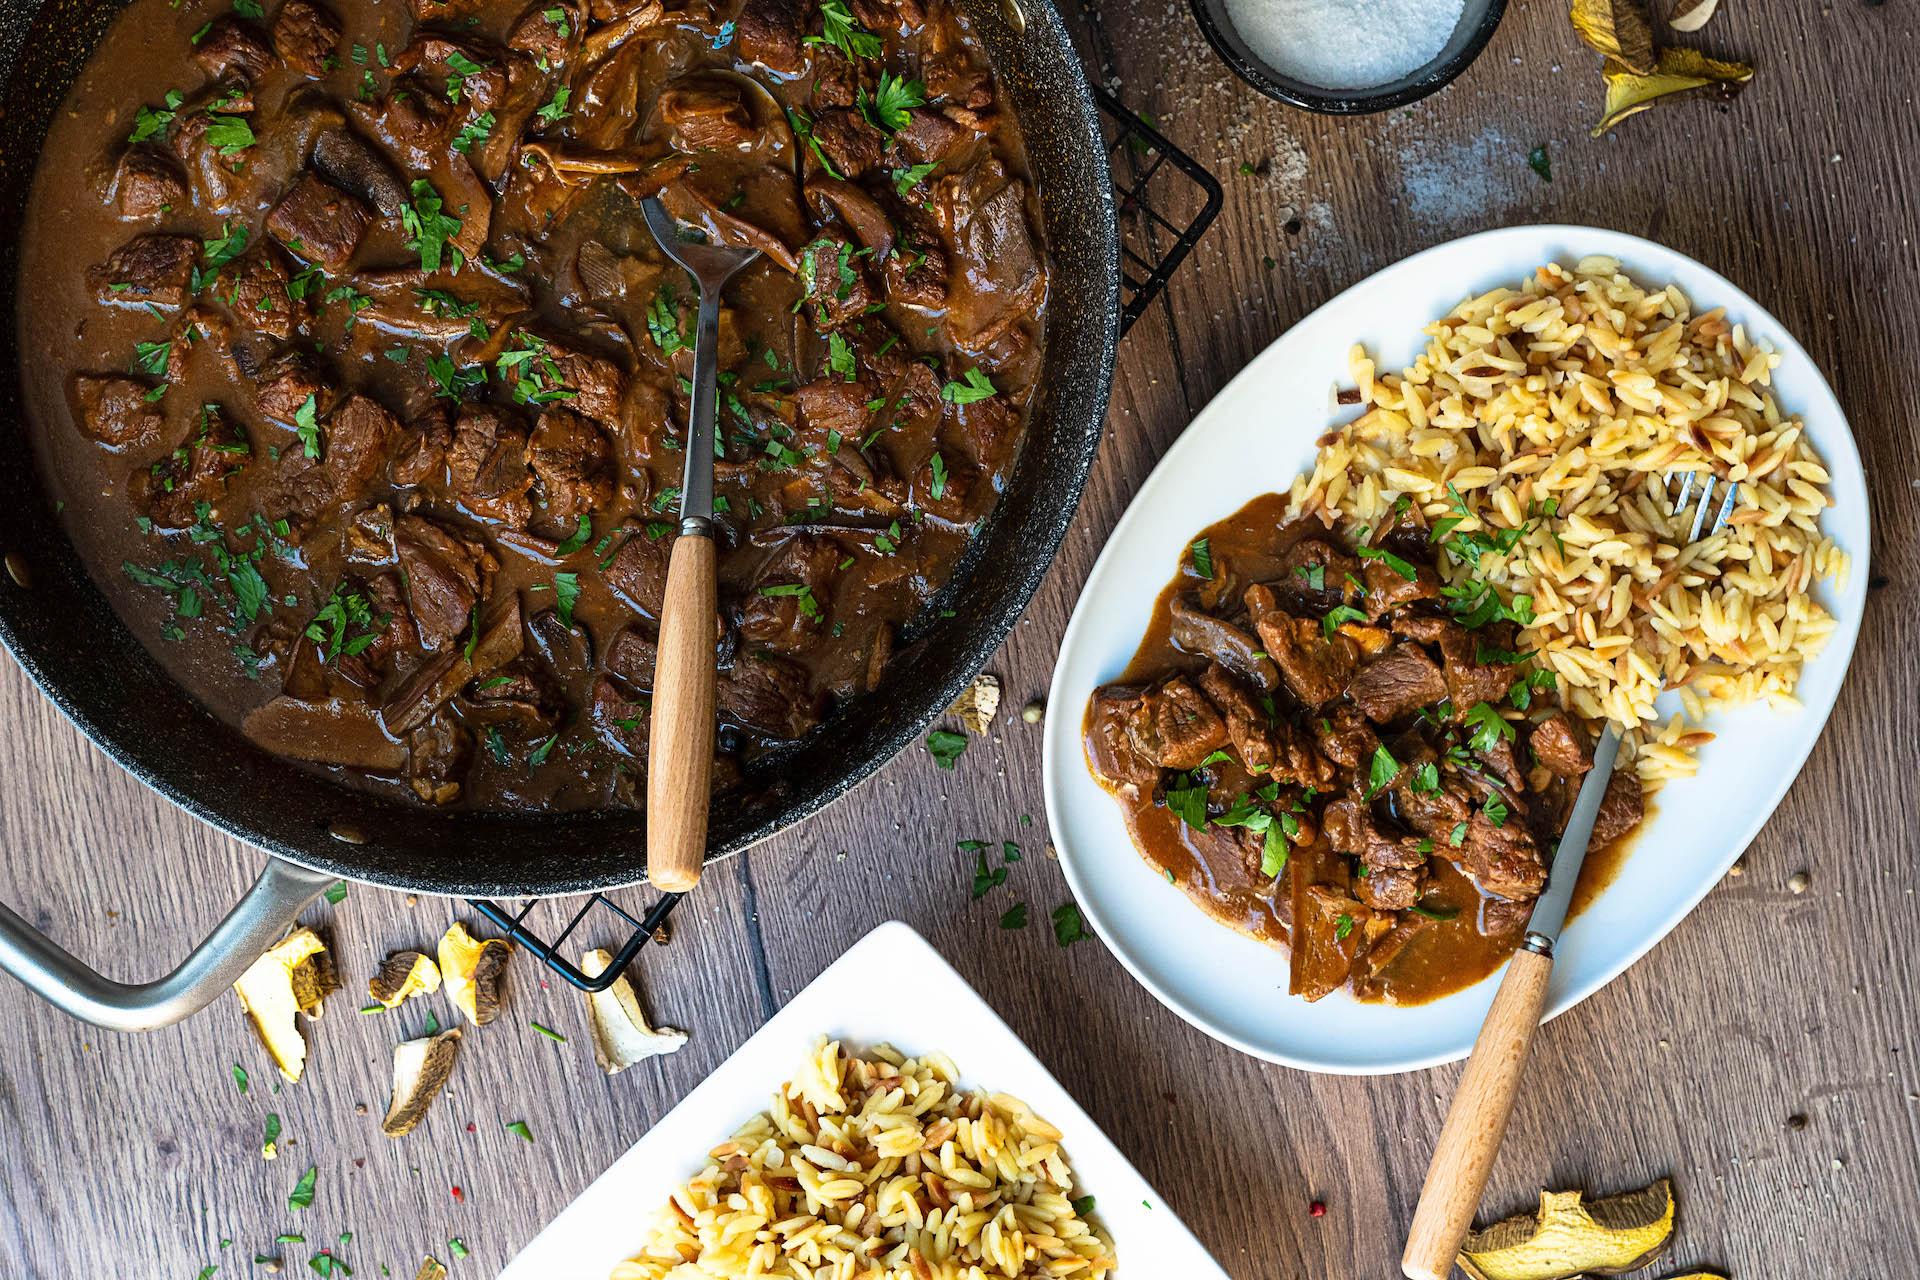 nedeľný obed, Hovädzie mäso na hubách so slovenskou ryžou